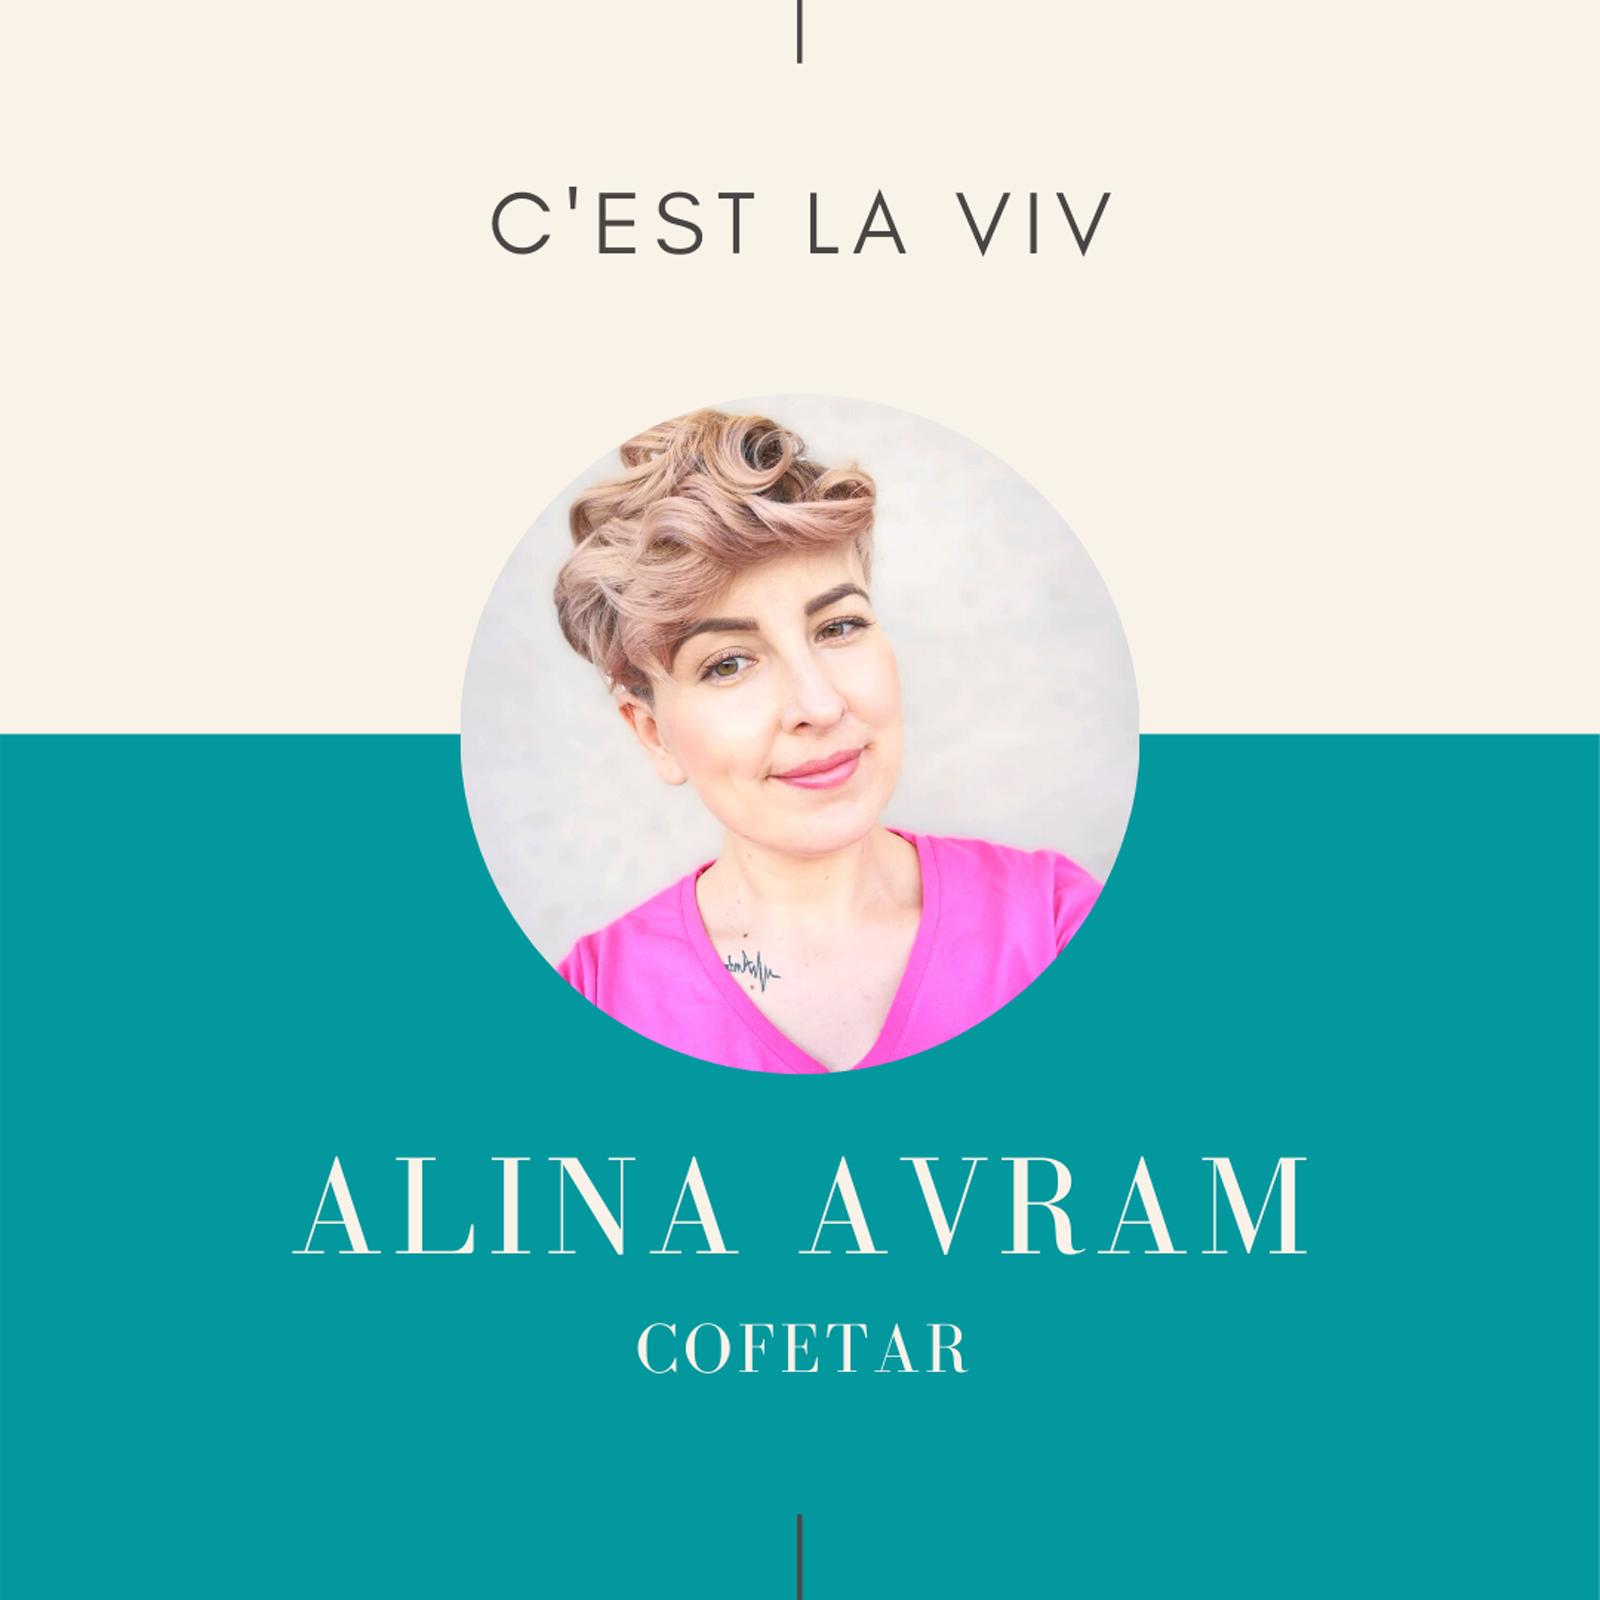 C'est la Viv – Alina Avram